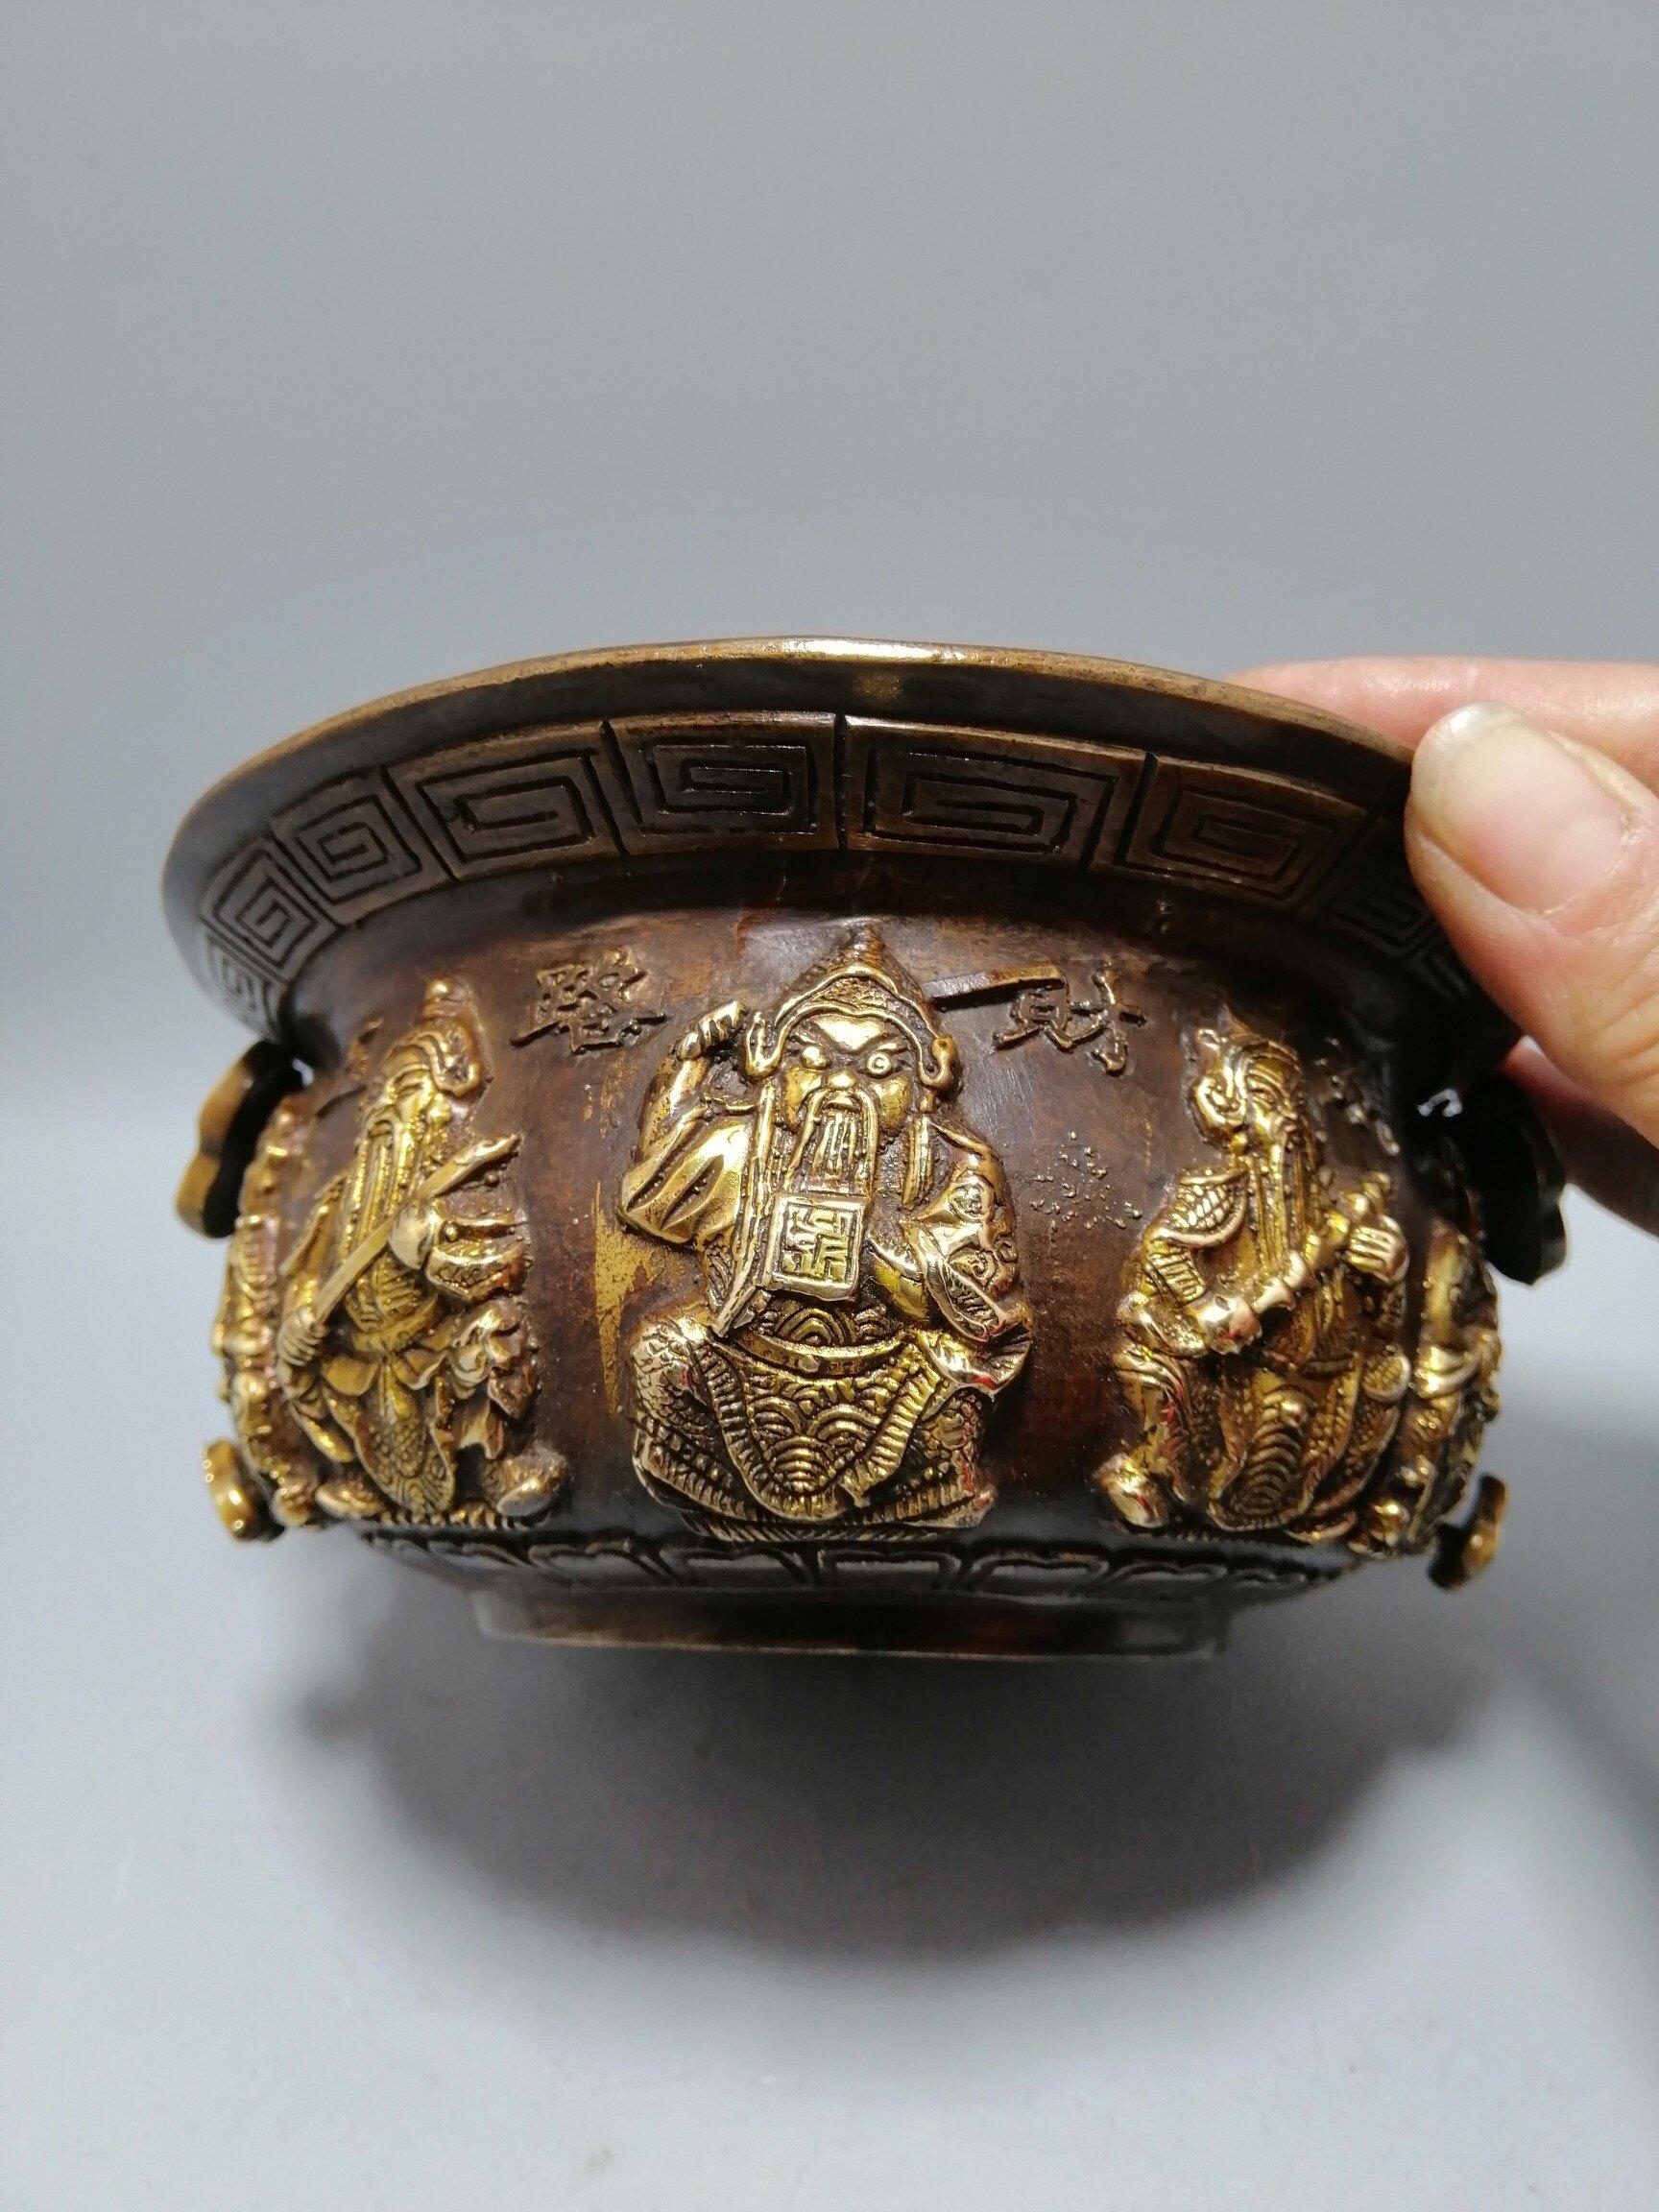 古玩雜項精美仿古做舊古玩書房工藝 黃銅鎏金五路財神聚寶盆擺件